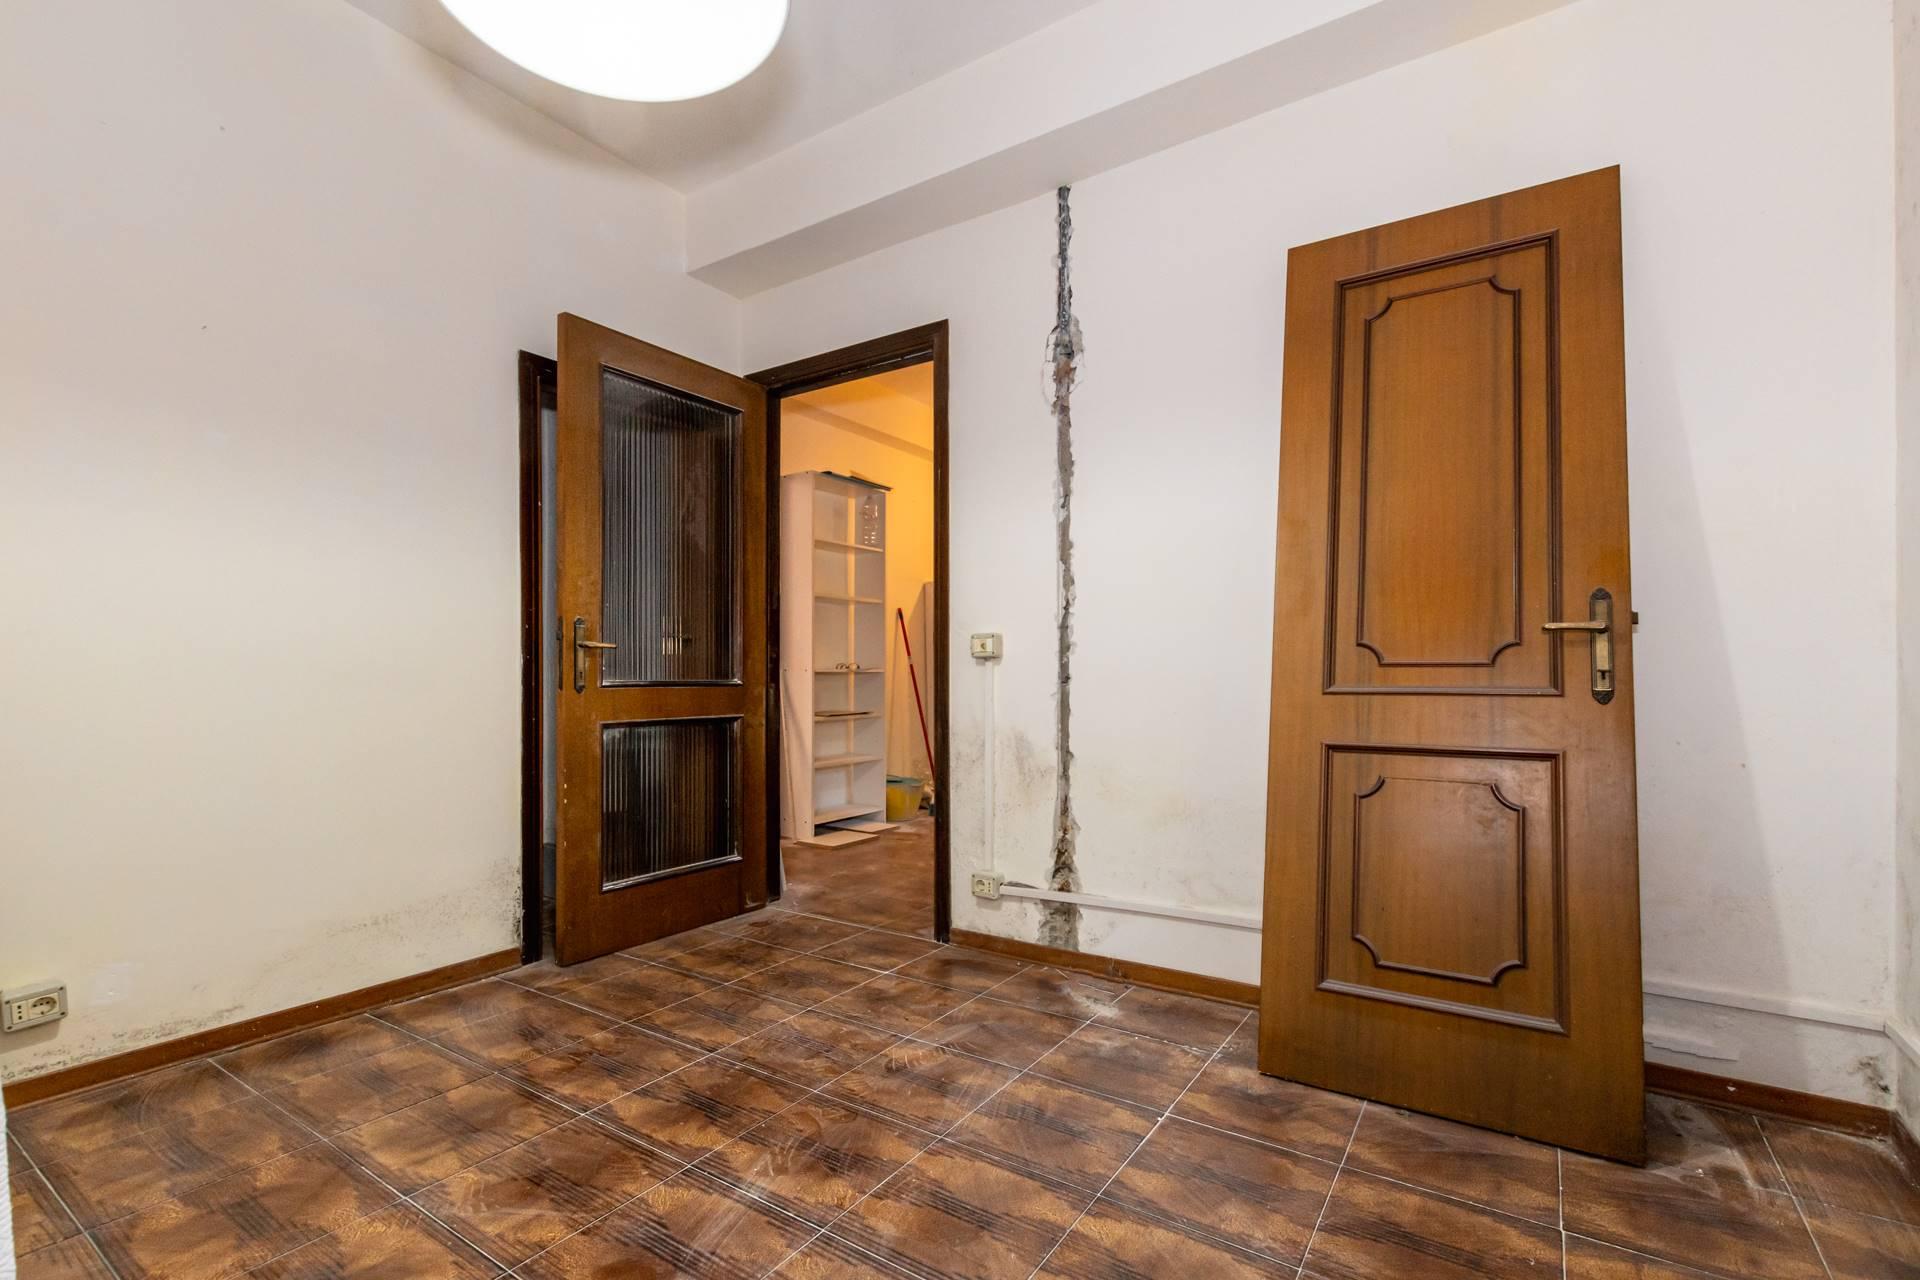 Camera singola con ripostiglio